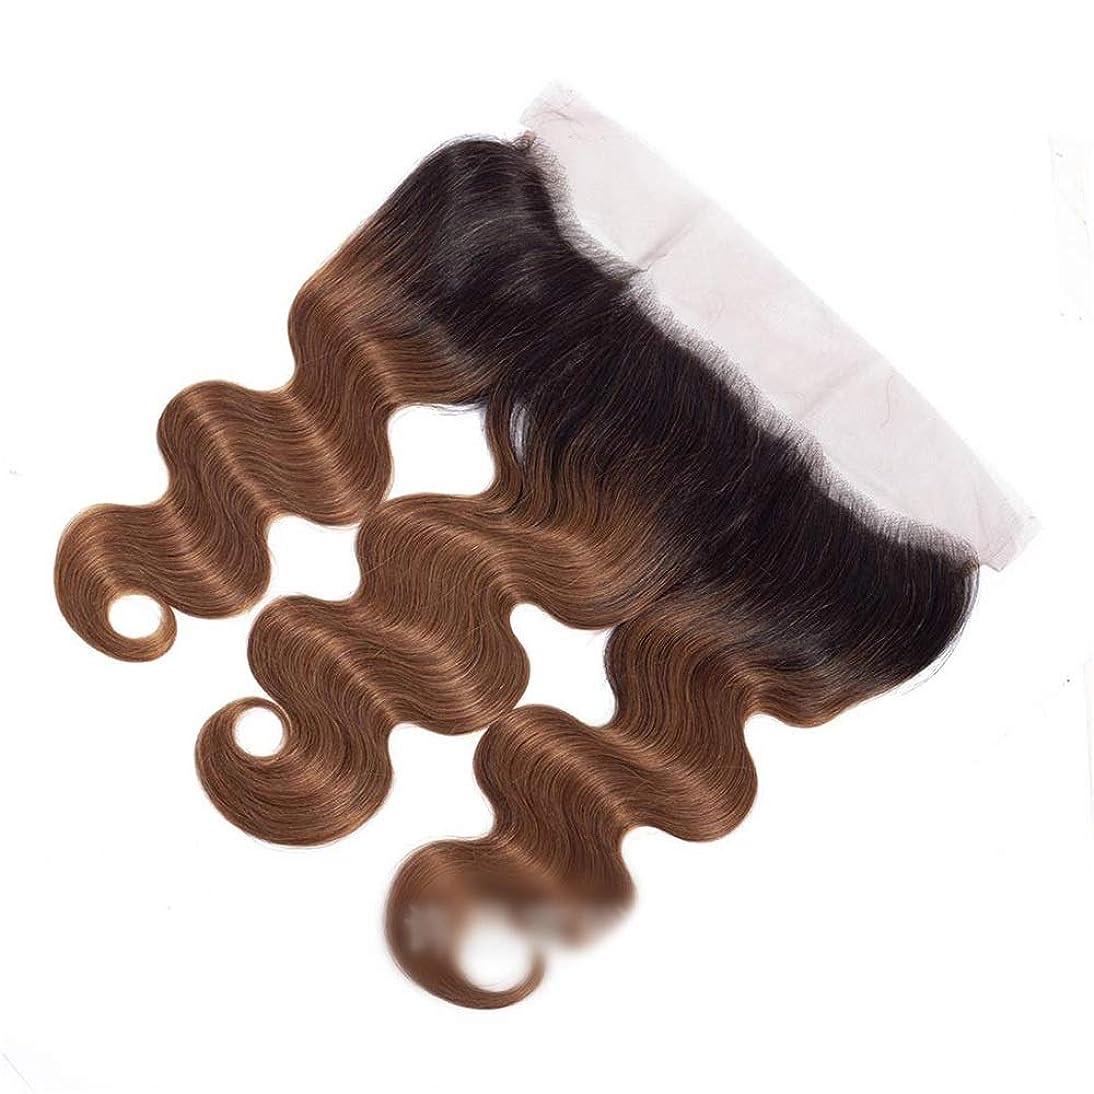 キロメートル亜熱帯シロクマBOBIDYEE ブラジル実体波13 * 4レース閉鎖無料部分100%未処理人間の髪織り1B / 30 2トーンカラーロングカーリーウィッグ (色 : ブラウン, サイズ : 18 inch)